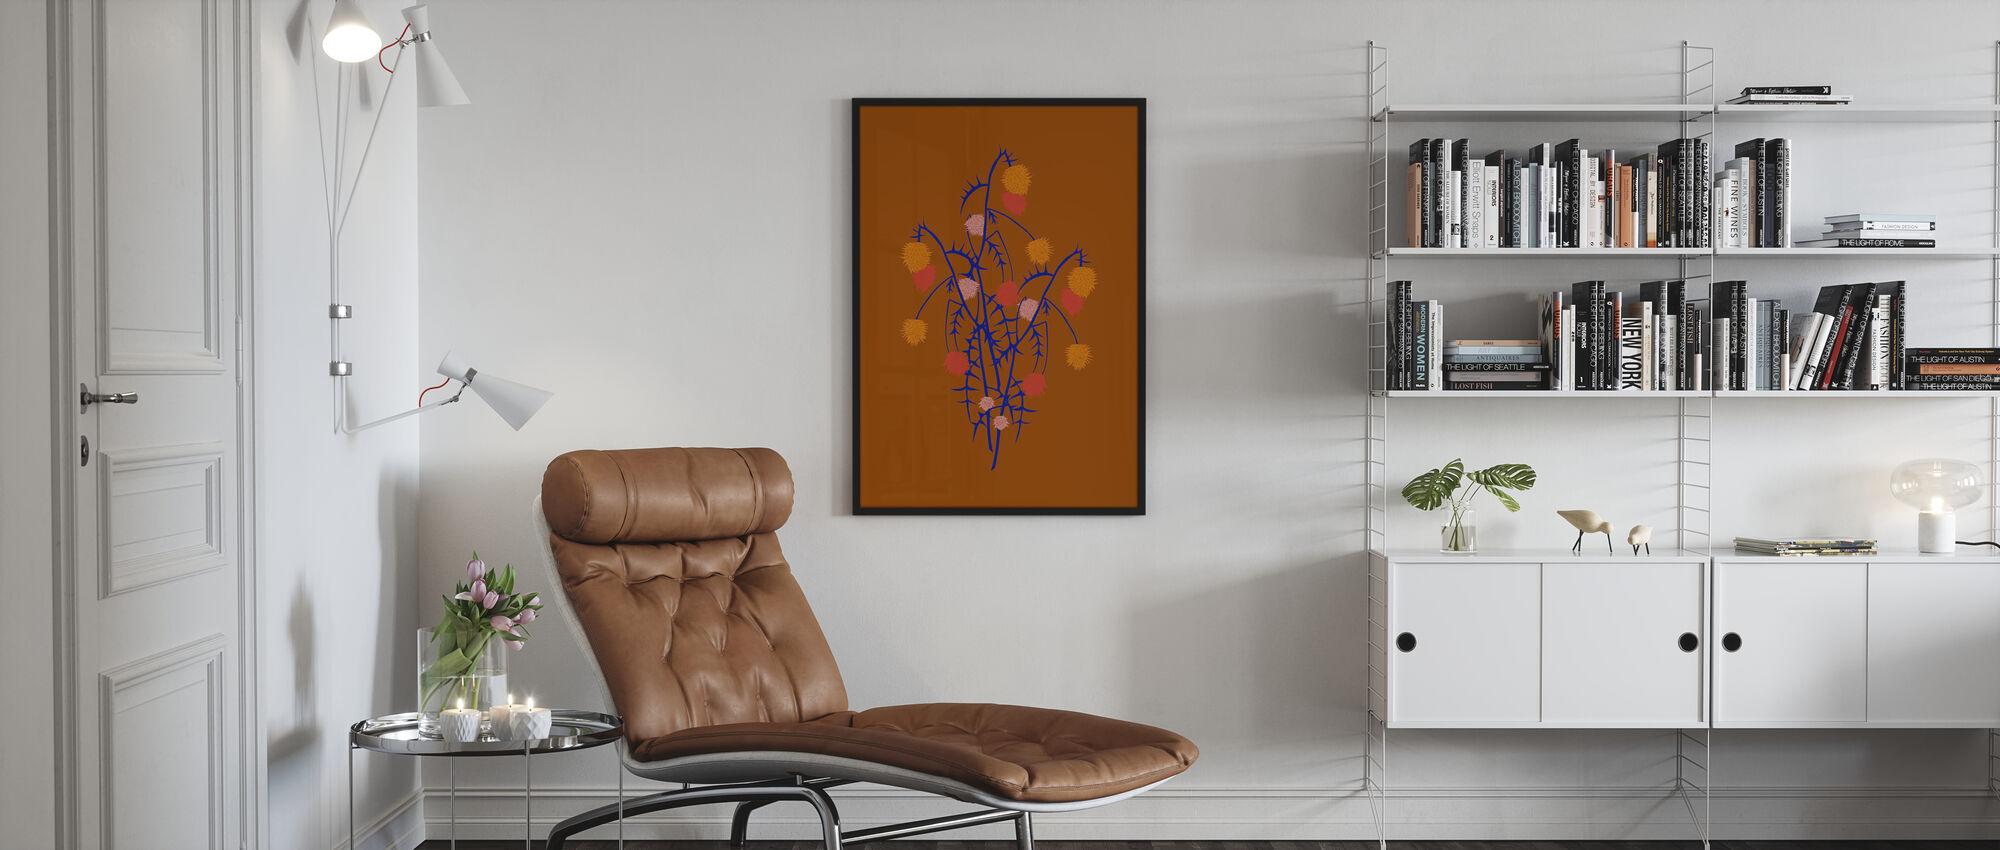 Thistle Boquet - Framed print - Living Room